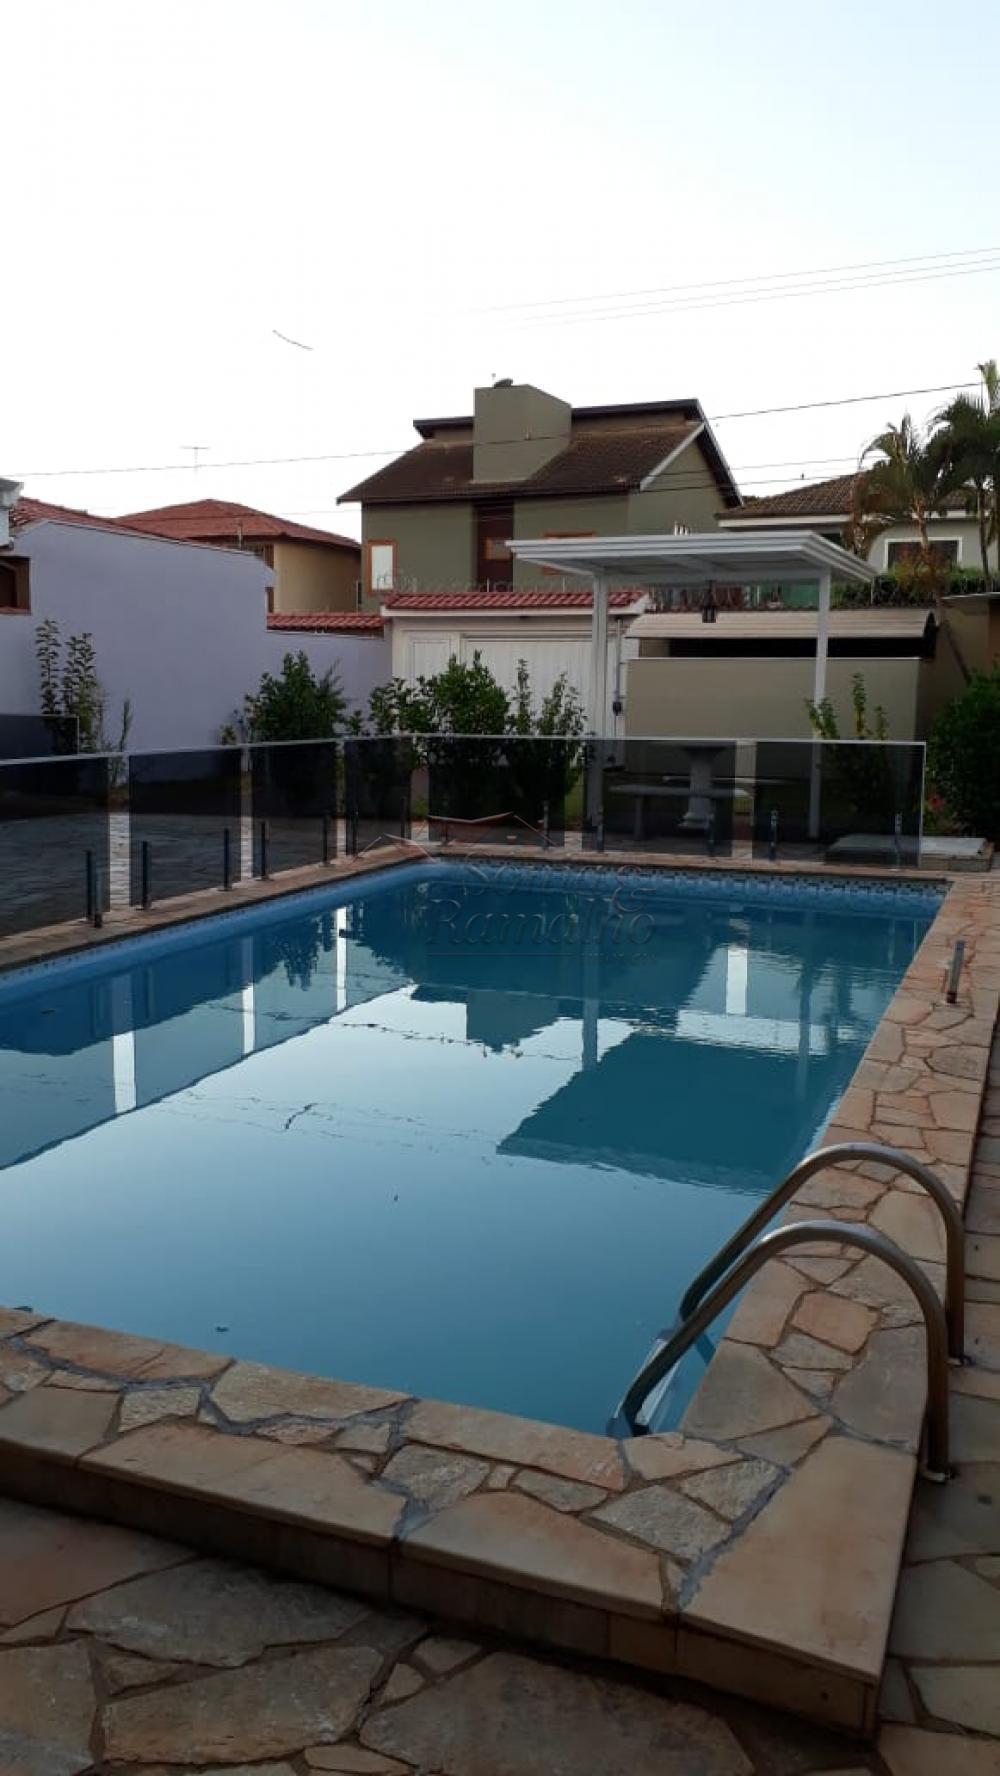 Comprar Casas / Padrão em Ribeirão Preto apenas R$ 404.000,00 - Foto 1